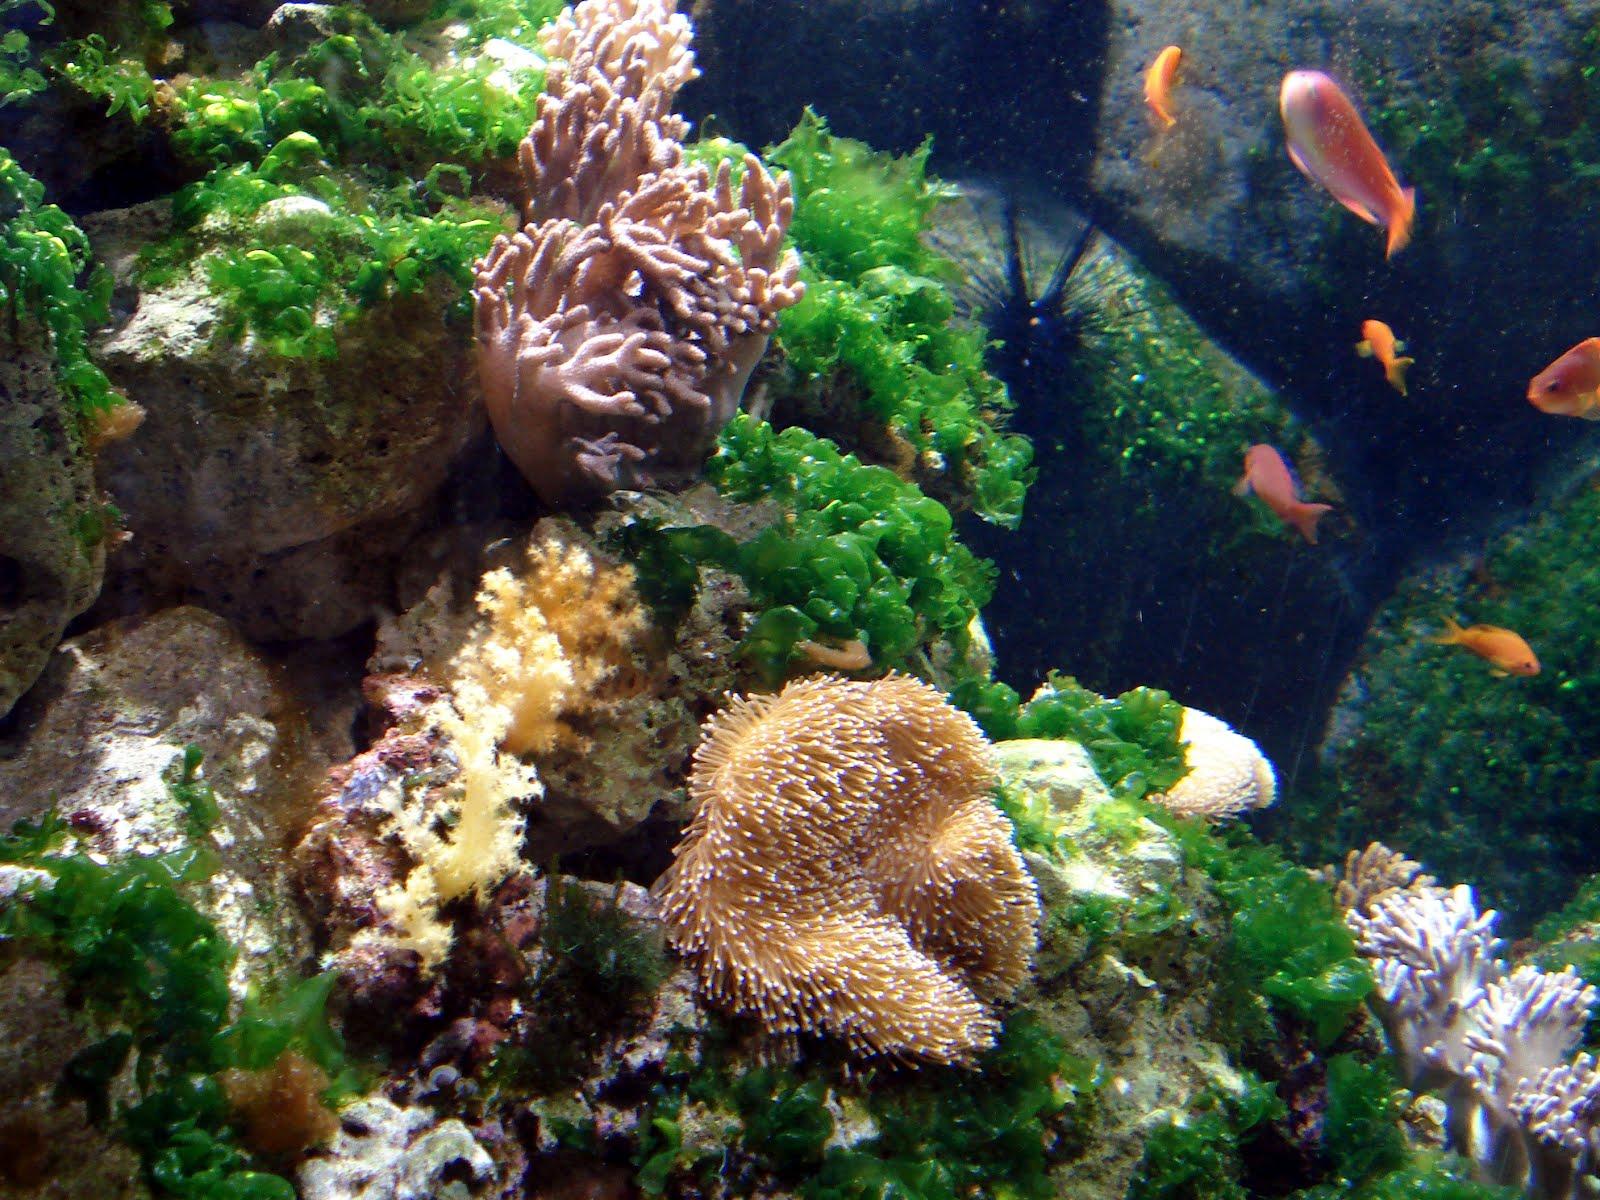 Un buzo encargado de fotografiar la fauna marina 72